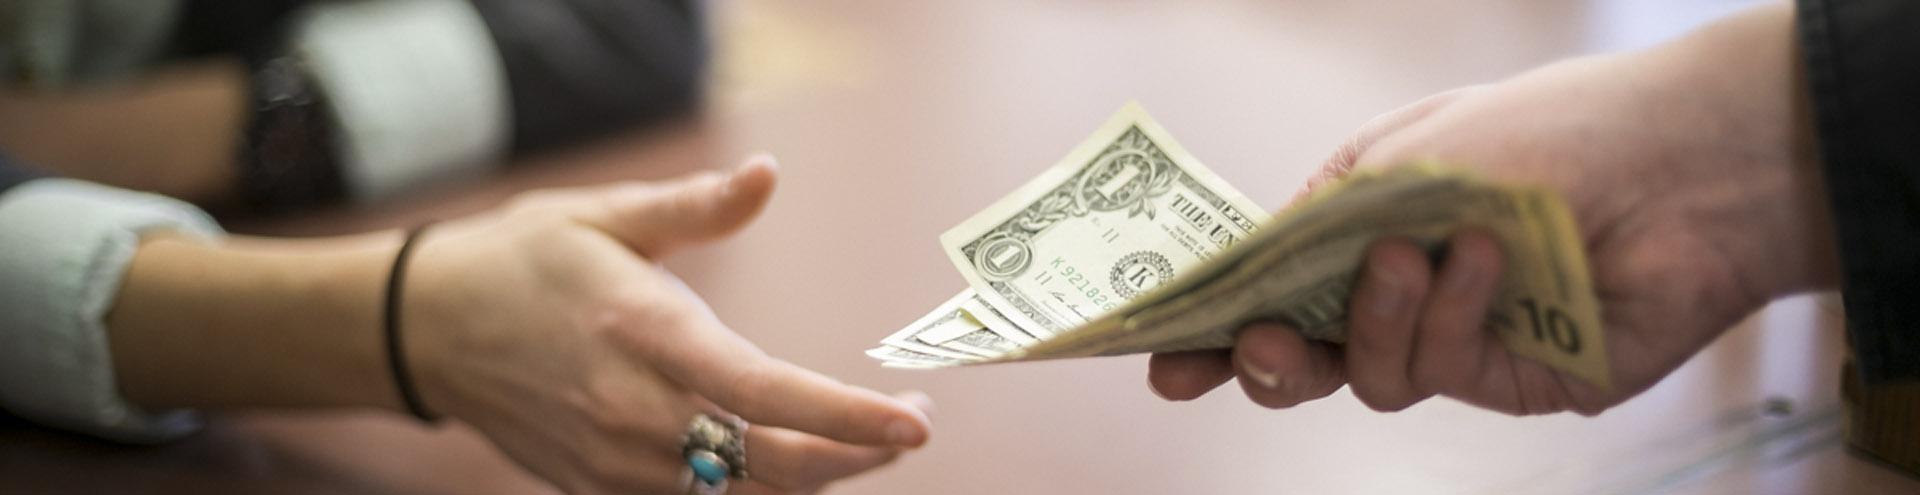 взыскание долгов в Уфе и Республике Башкорстан